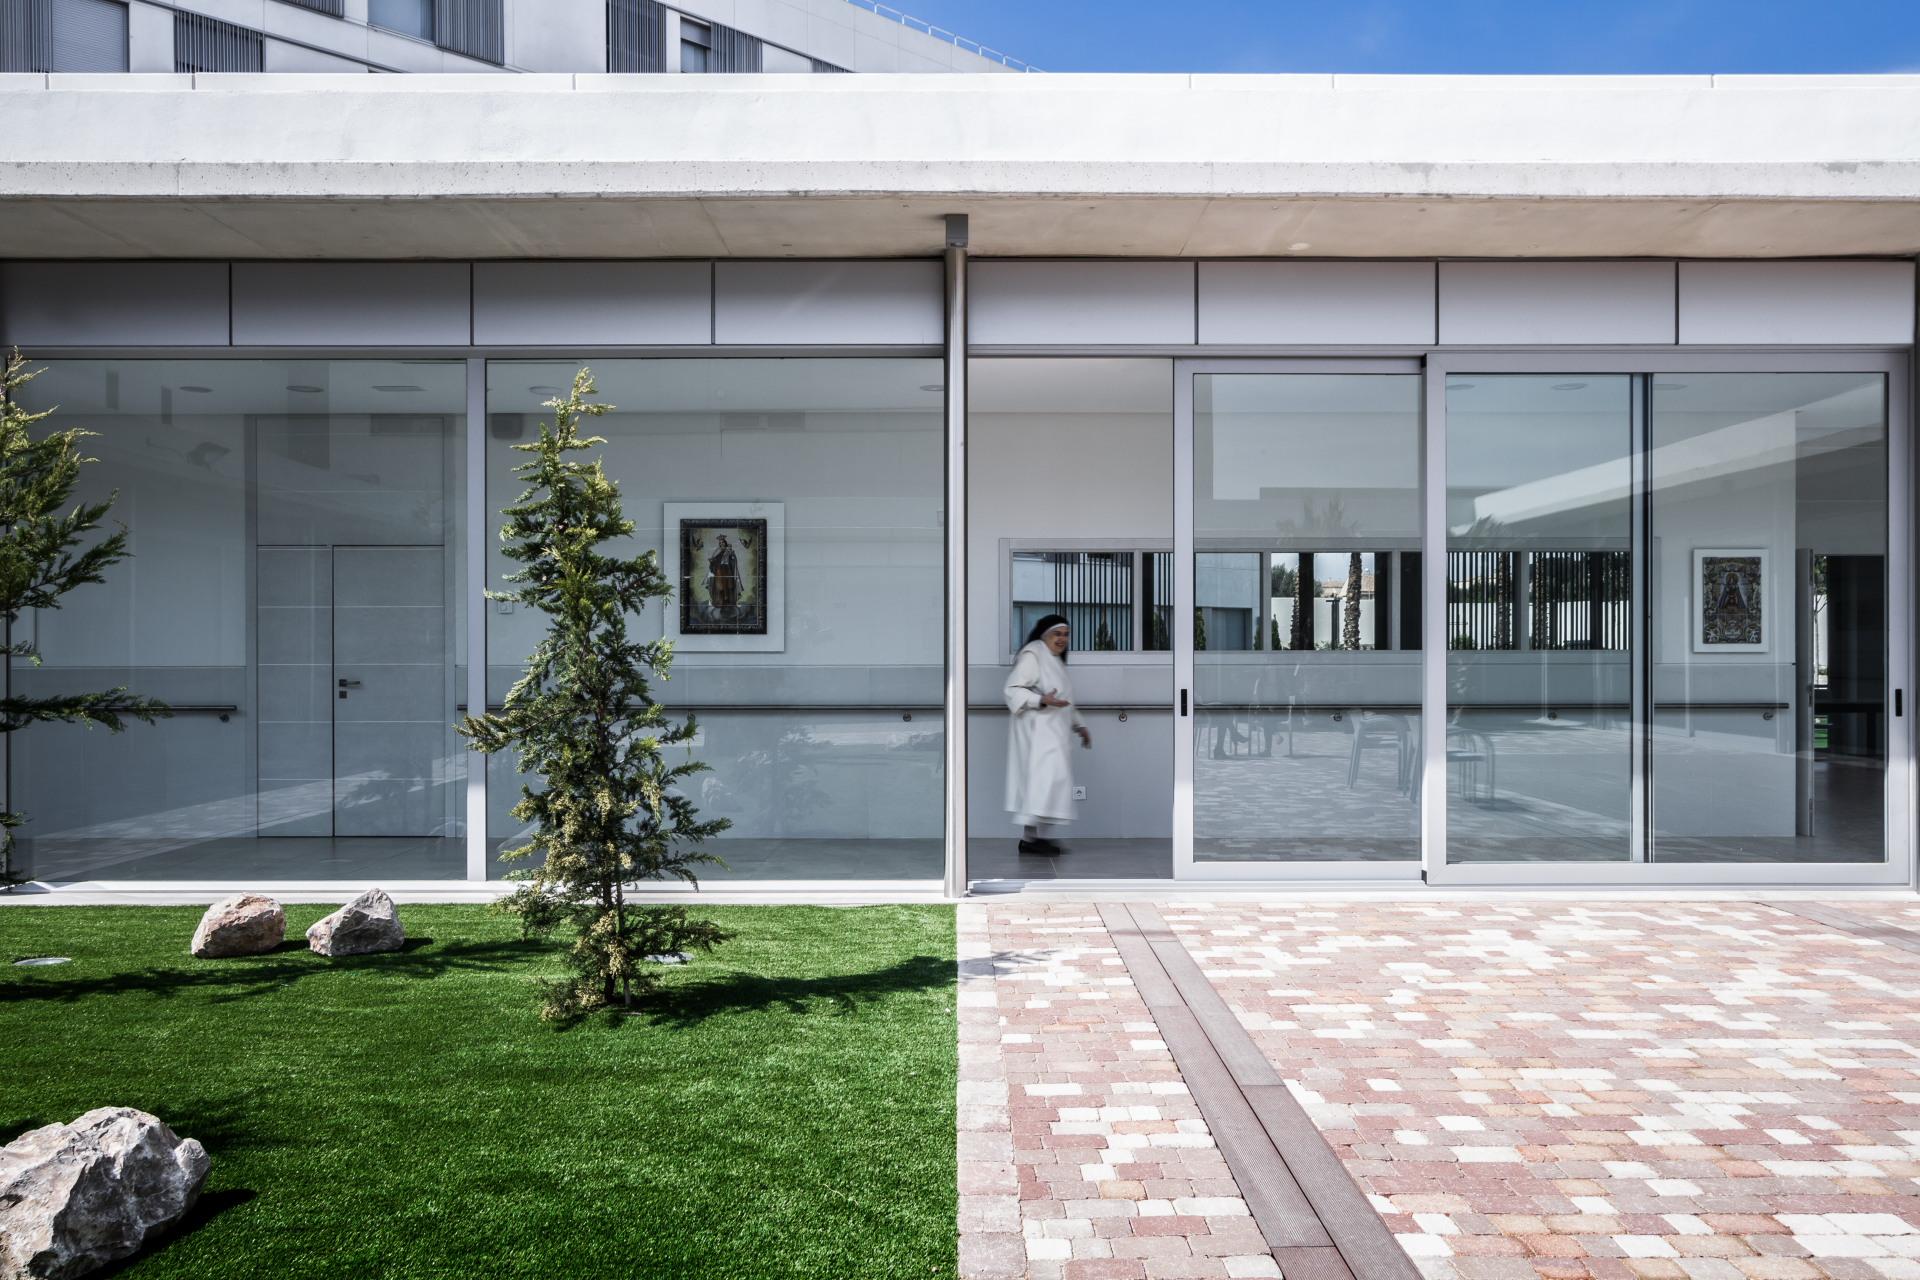 fotografia-arquitectura-valencia-german-cabo-hernandez-monasterio (26)